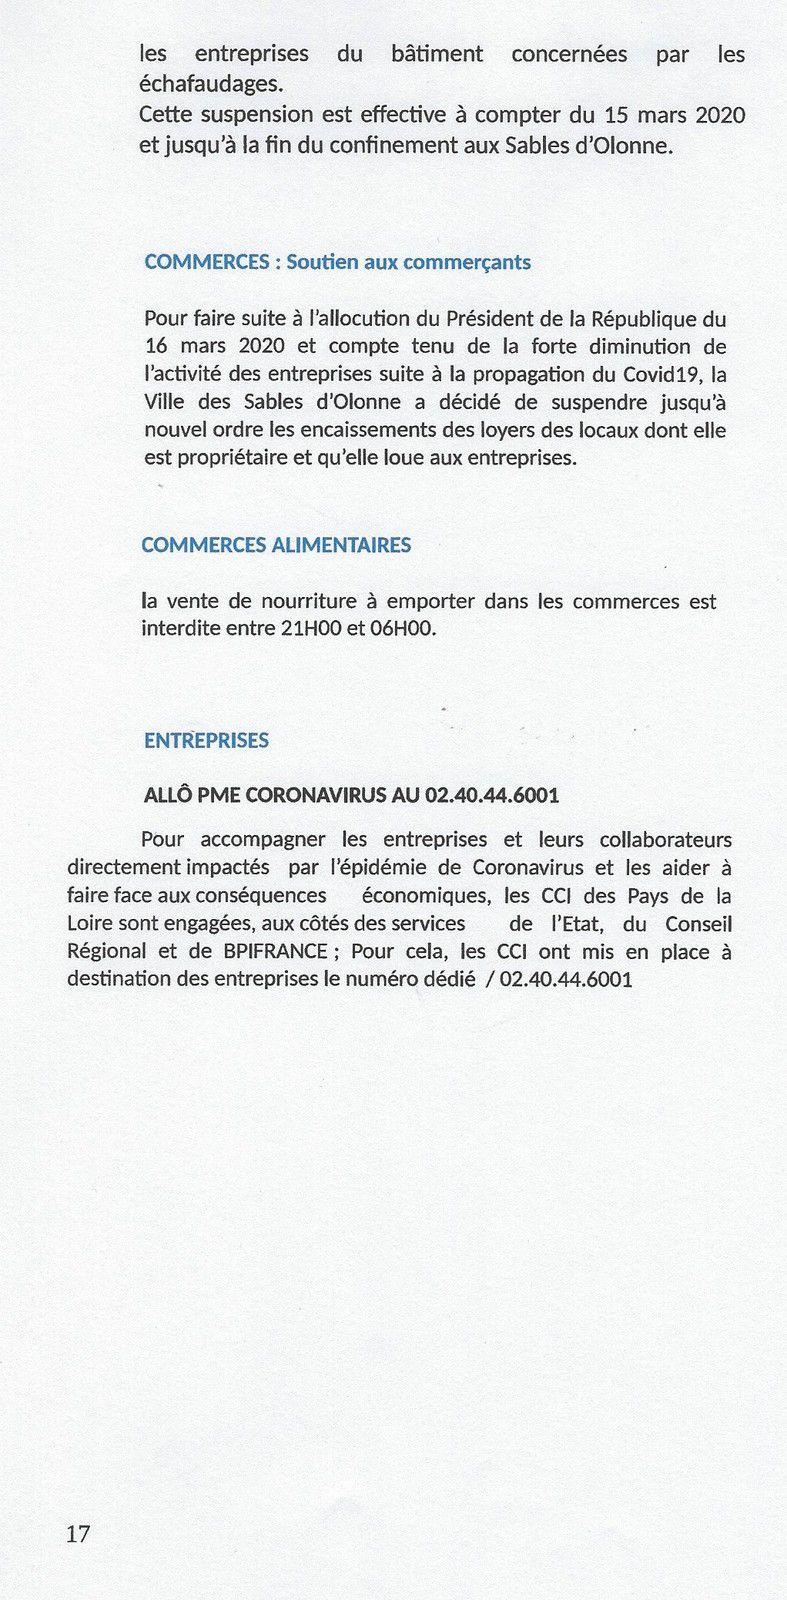 CORONAVIRUS : PLUS D'INFORMATIONS DE LA VILLE DES SABLES, PLUS DE SERVICES ET D'ENTRAIDE, PLUS DE SÉCURITÉ